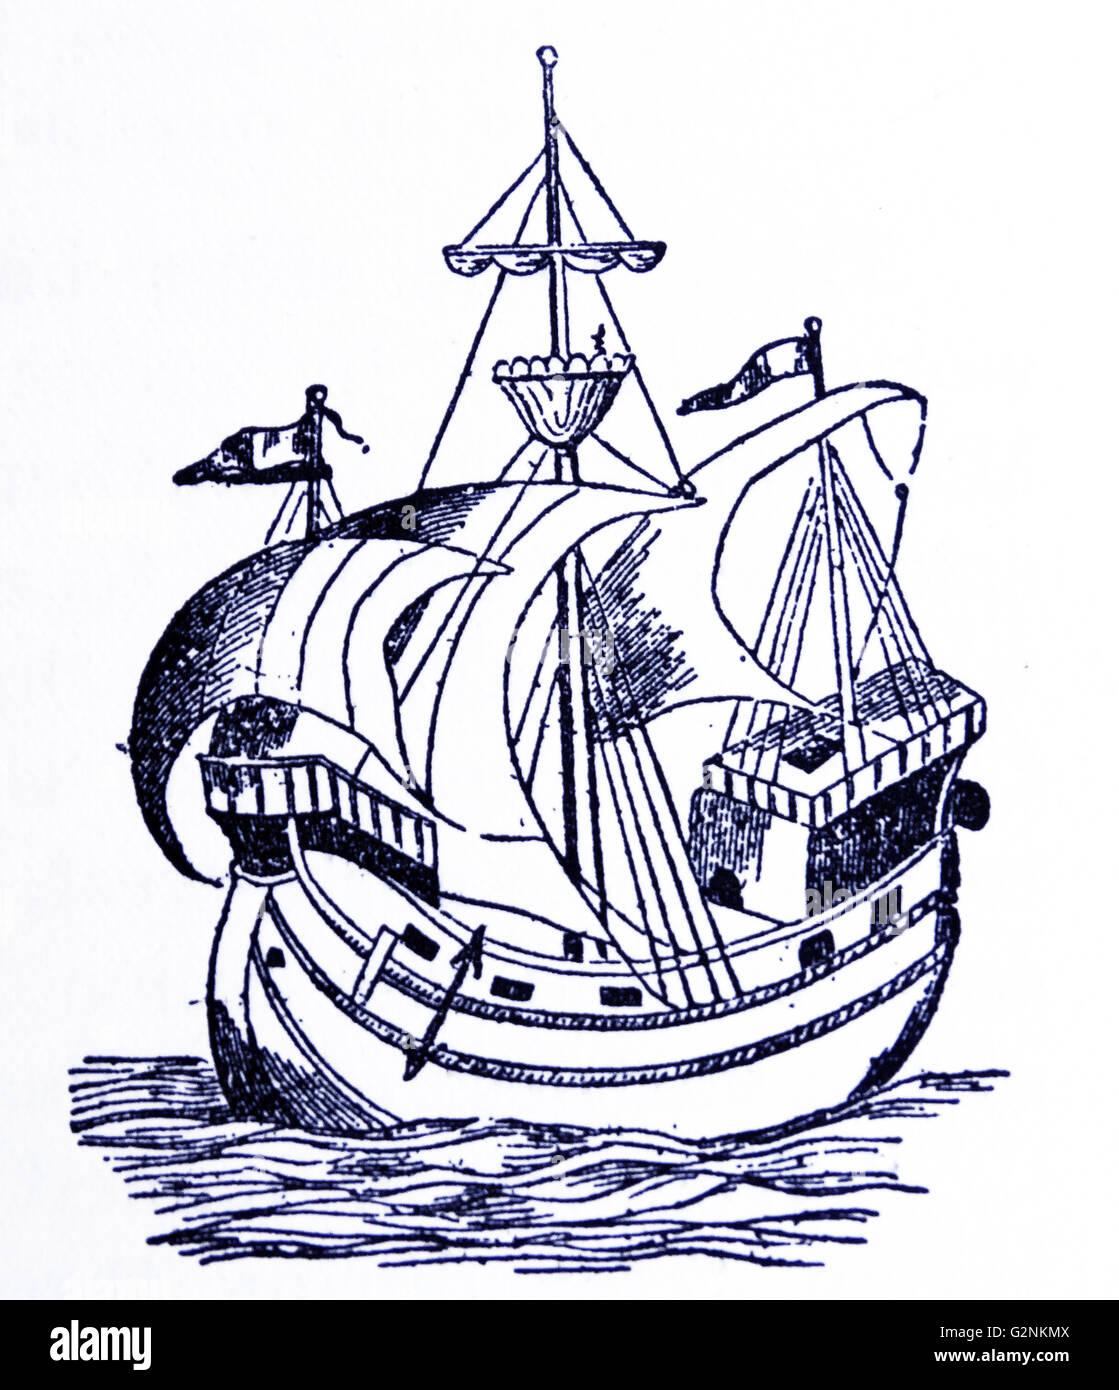 Un navire du 16ème siècle. Photo Stock